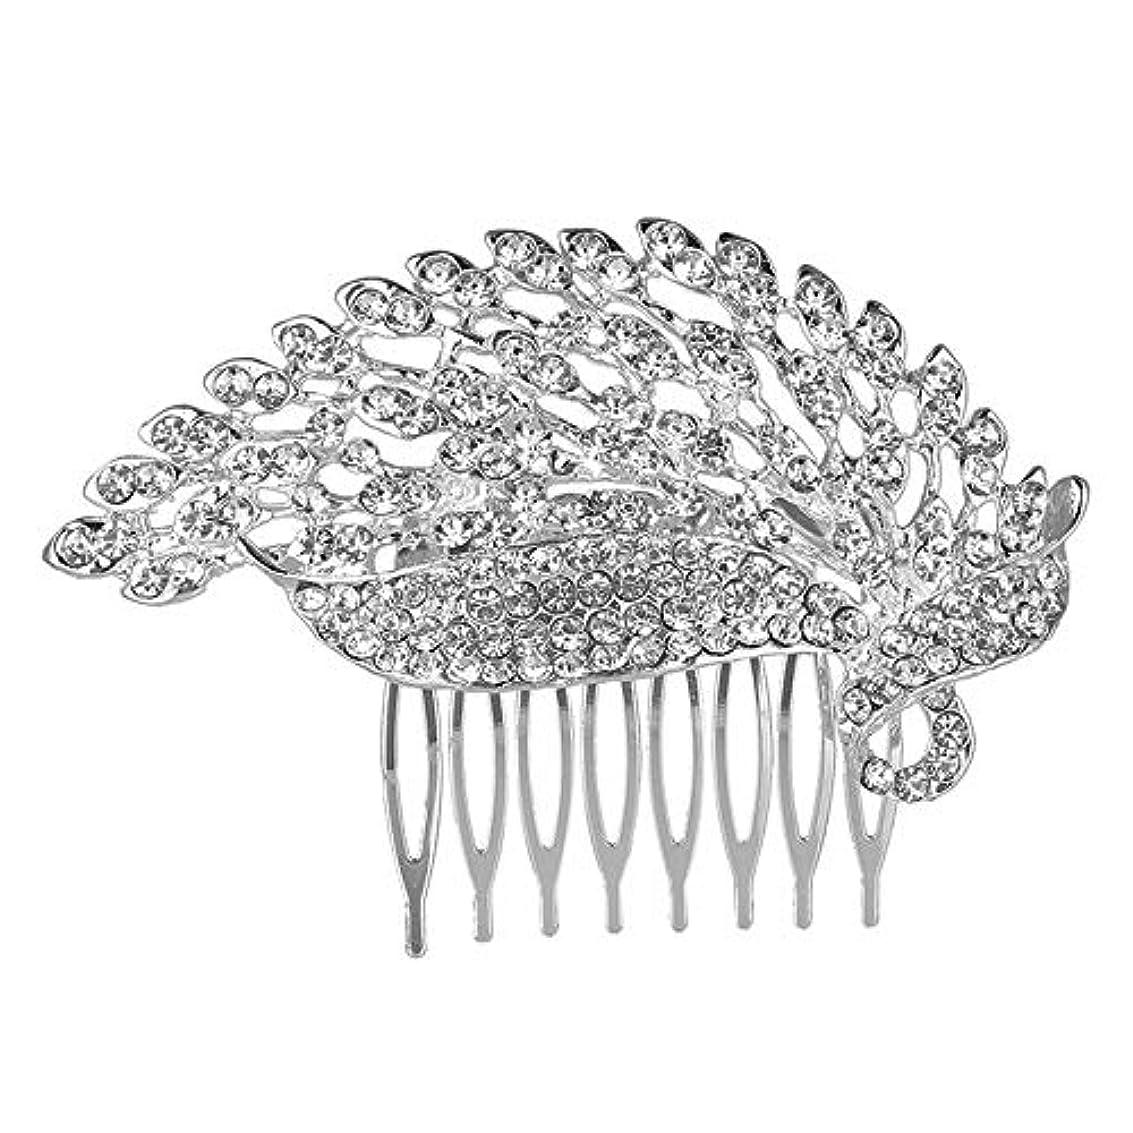 すべき超高層ビル辛な髪の櫛の櫛の櫛の花嫁の櫛の櫛の櫛の花嫁の頭飾りの結婚式のアクセサリー合金